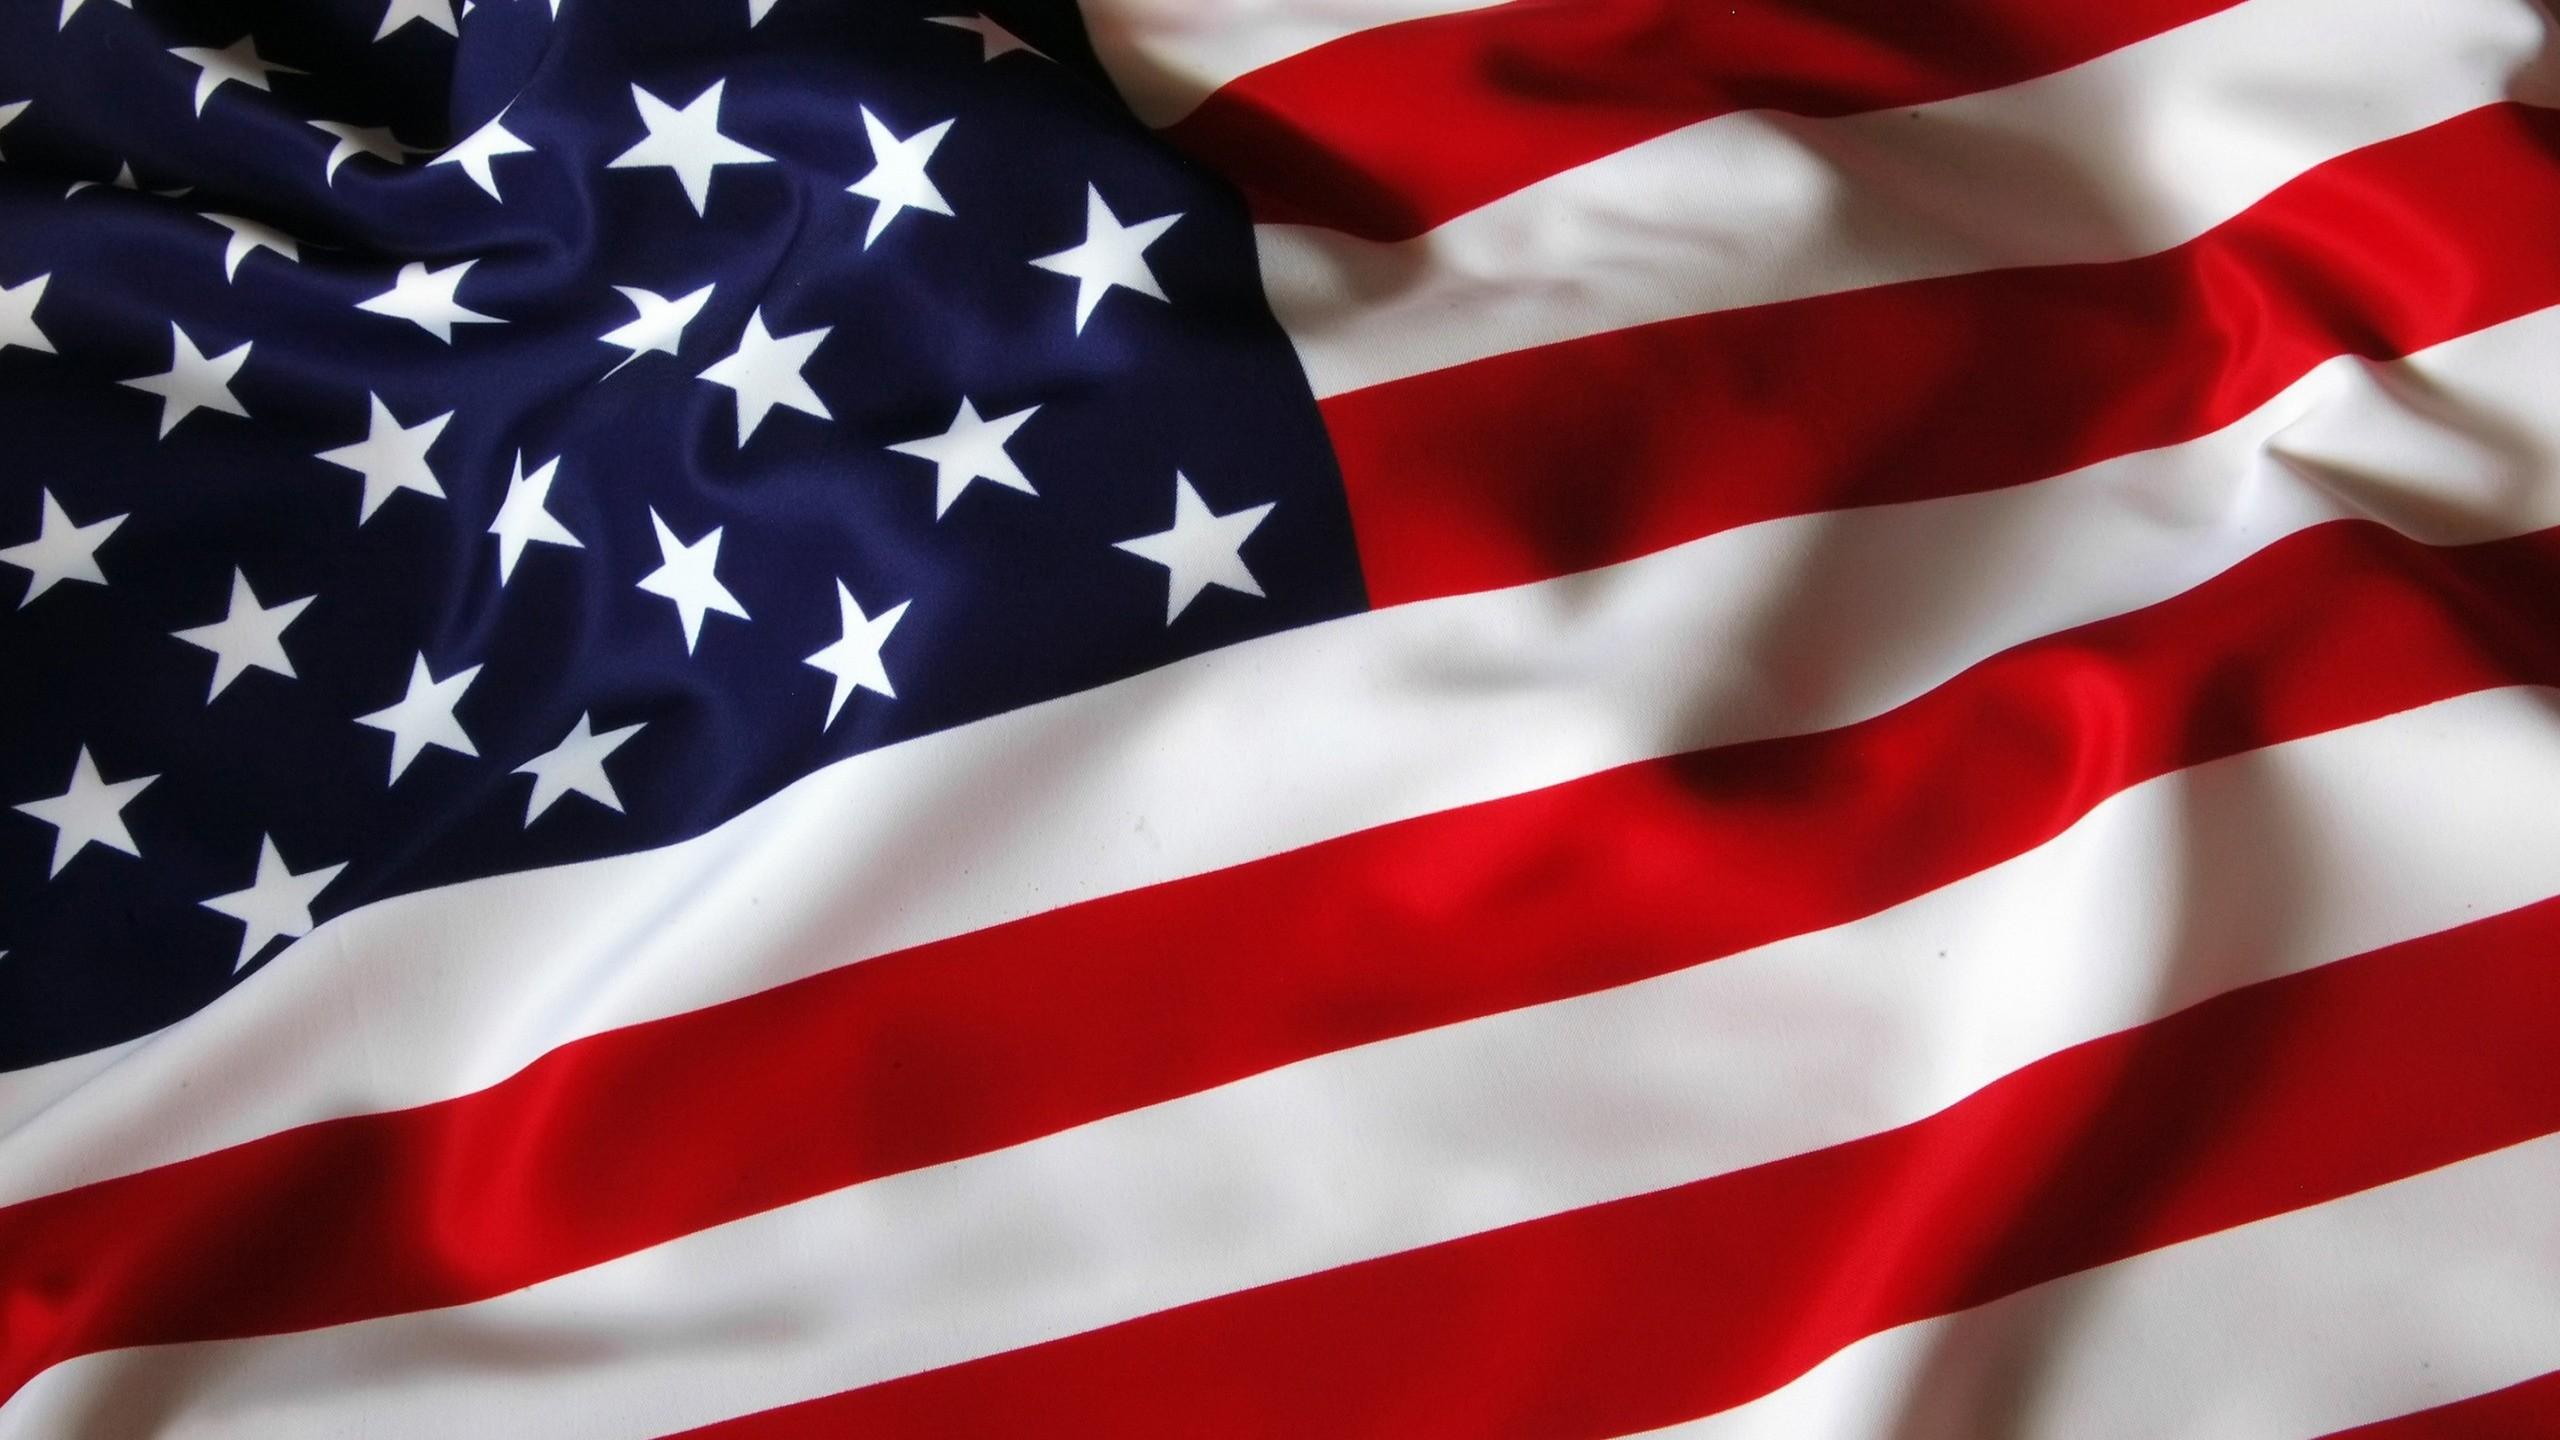 بالصور صور علم امريكا , مجموعة من الصور المختلفة لعلم دولة امريكا 912 4